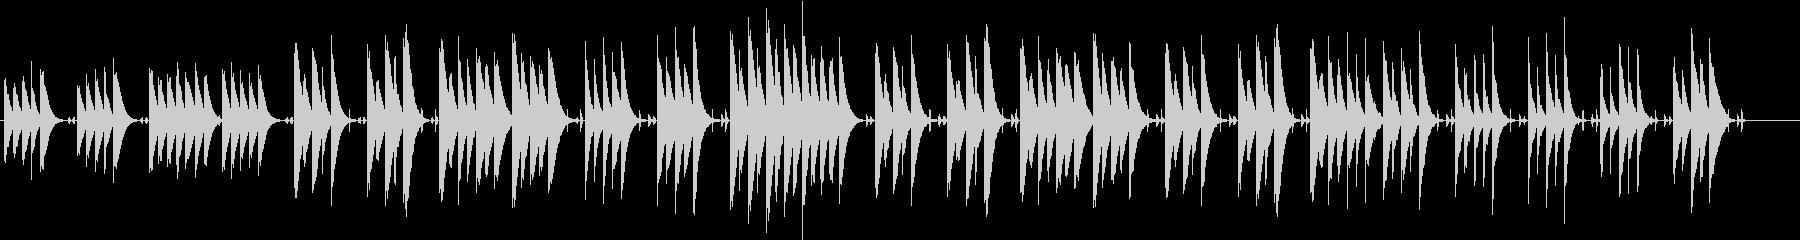 木琴の音がメインのほのぼのとした曲の未再生の波形